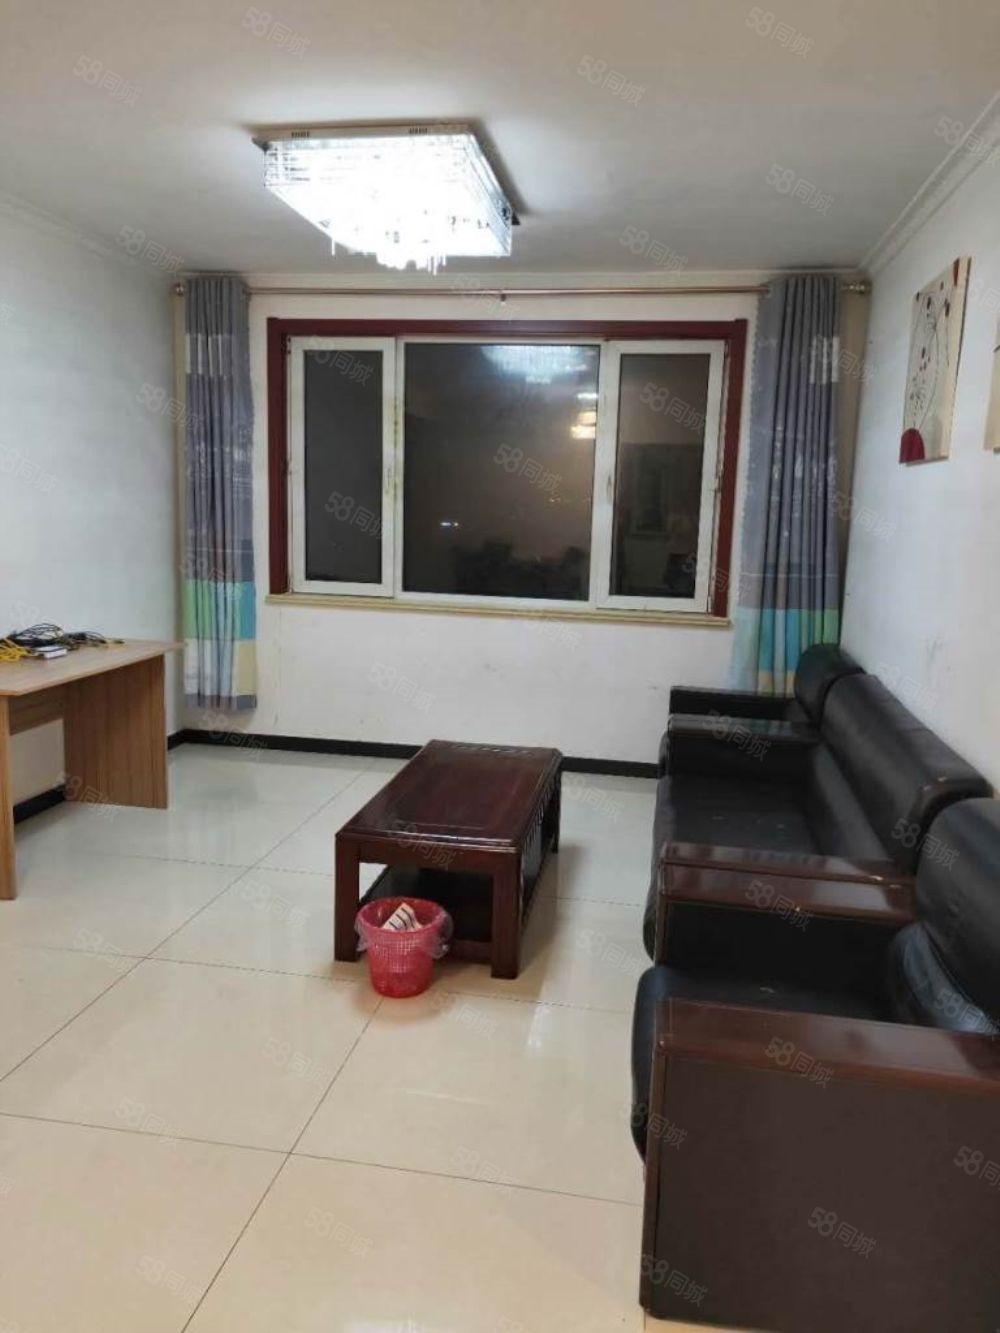 林馨家园三室一厅东西齐全拎包入住年租1.3万